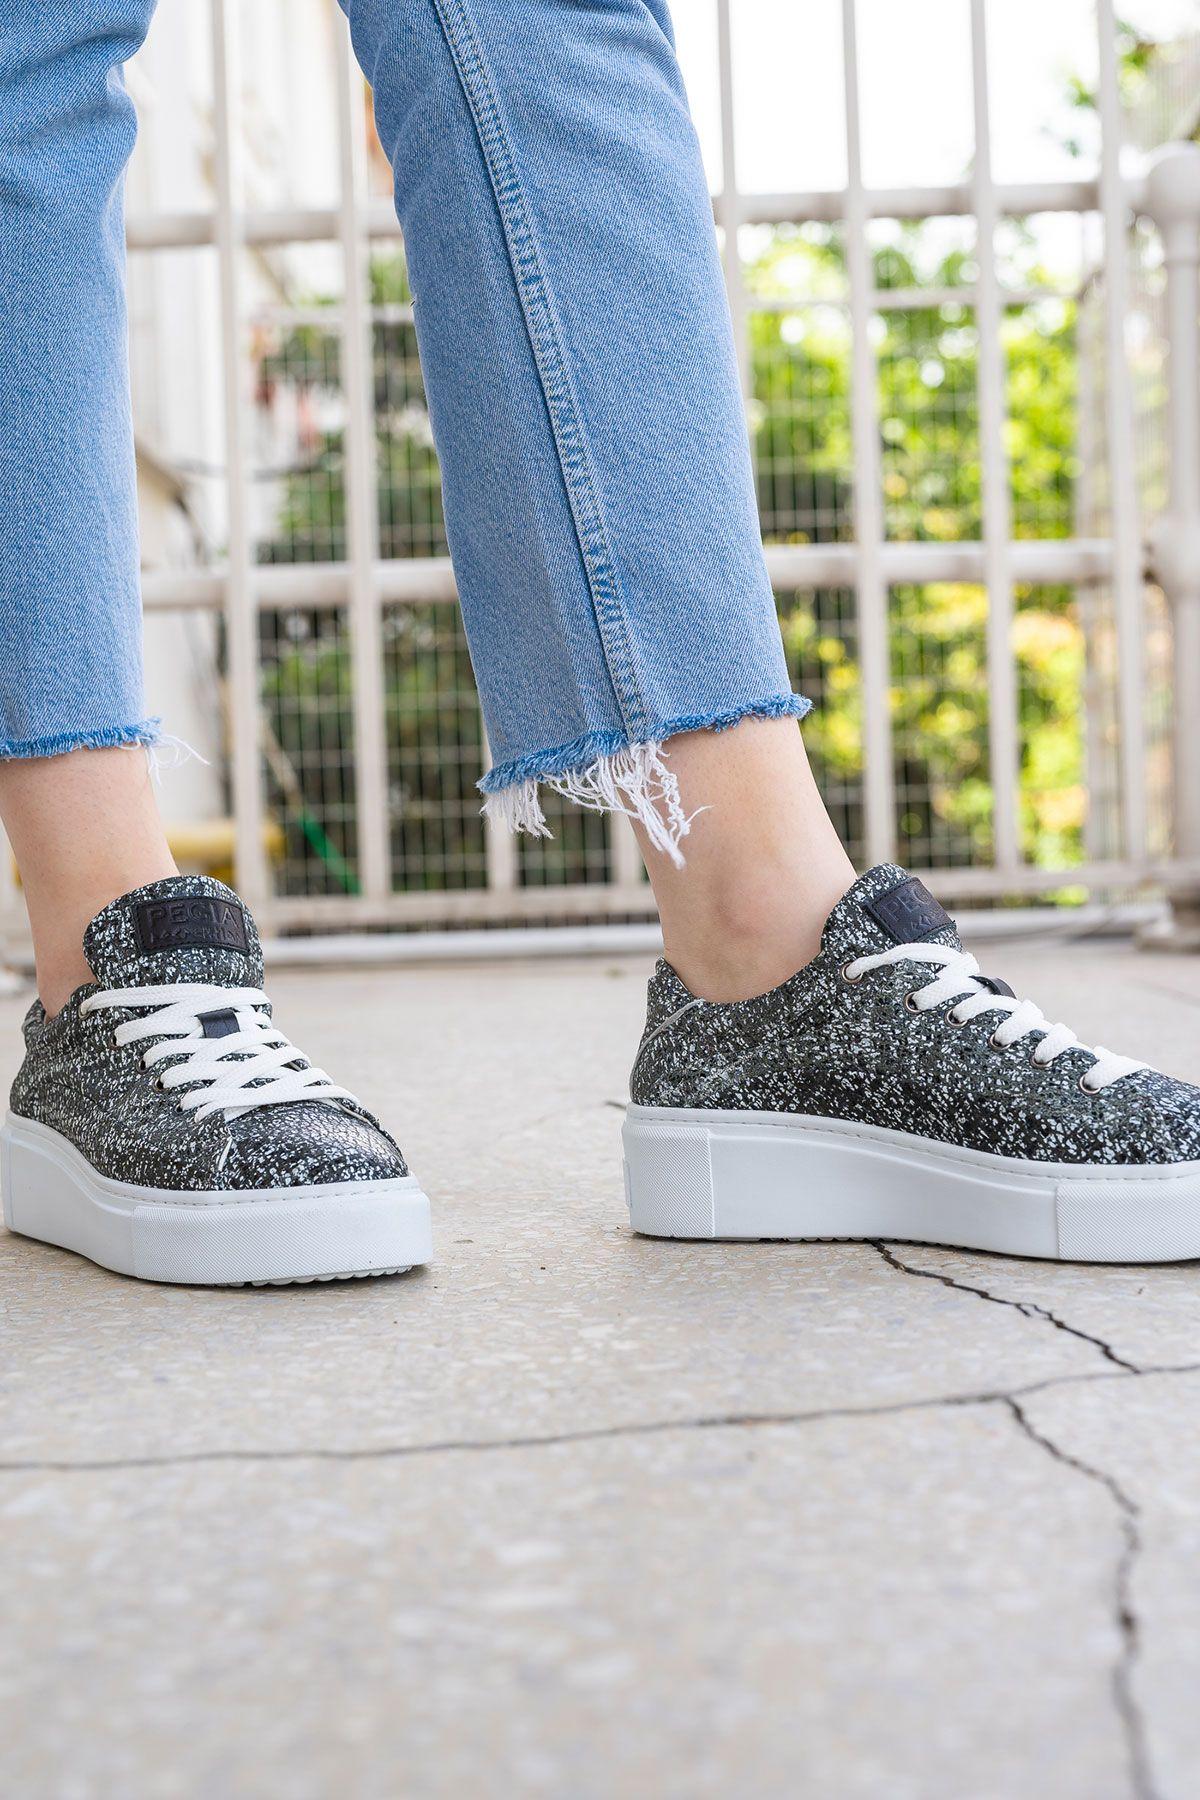 Pegia Genuine Leather Women's Sneaker LA1634 Anthracite-colored